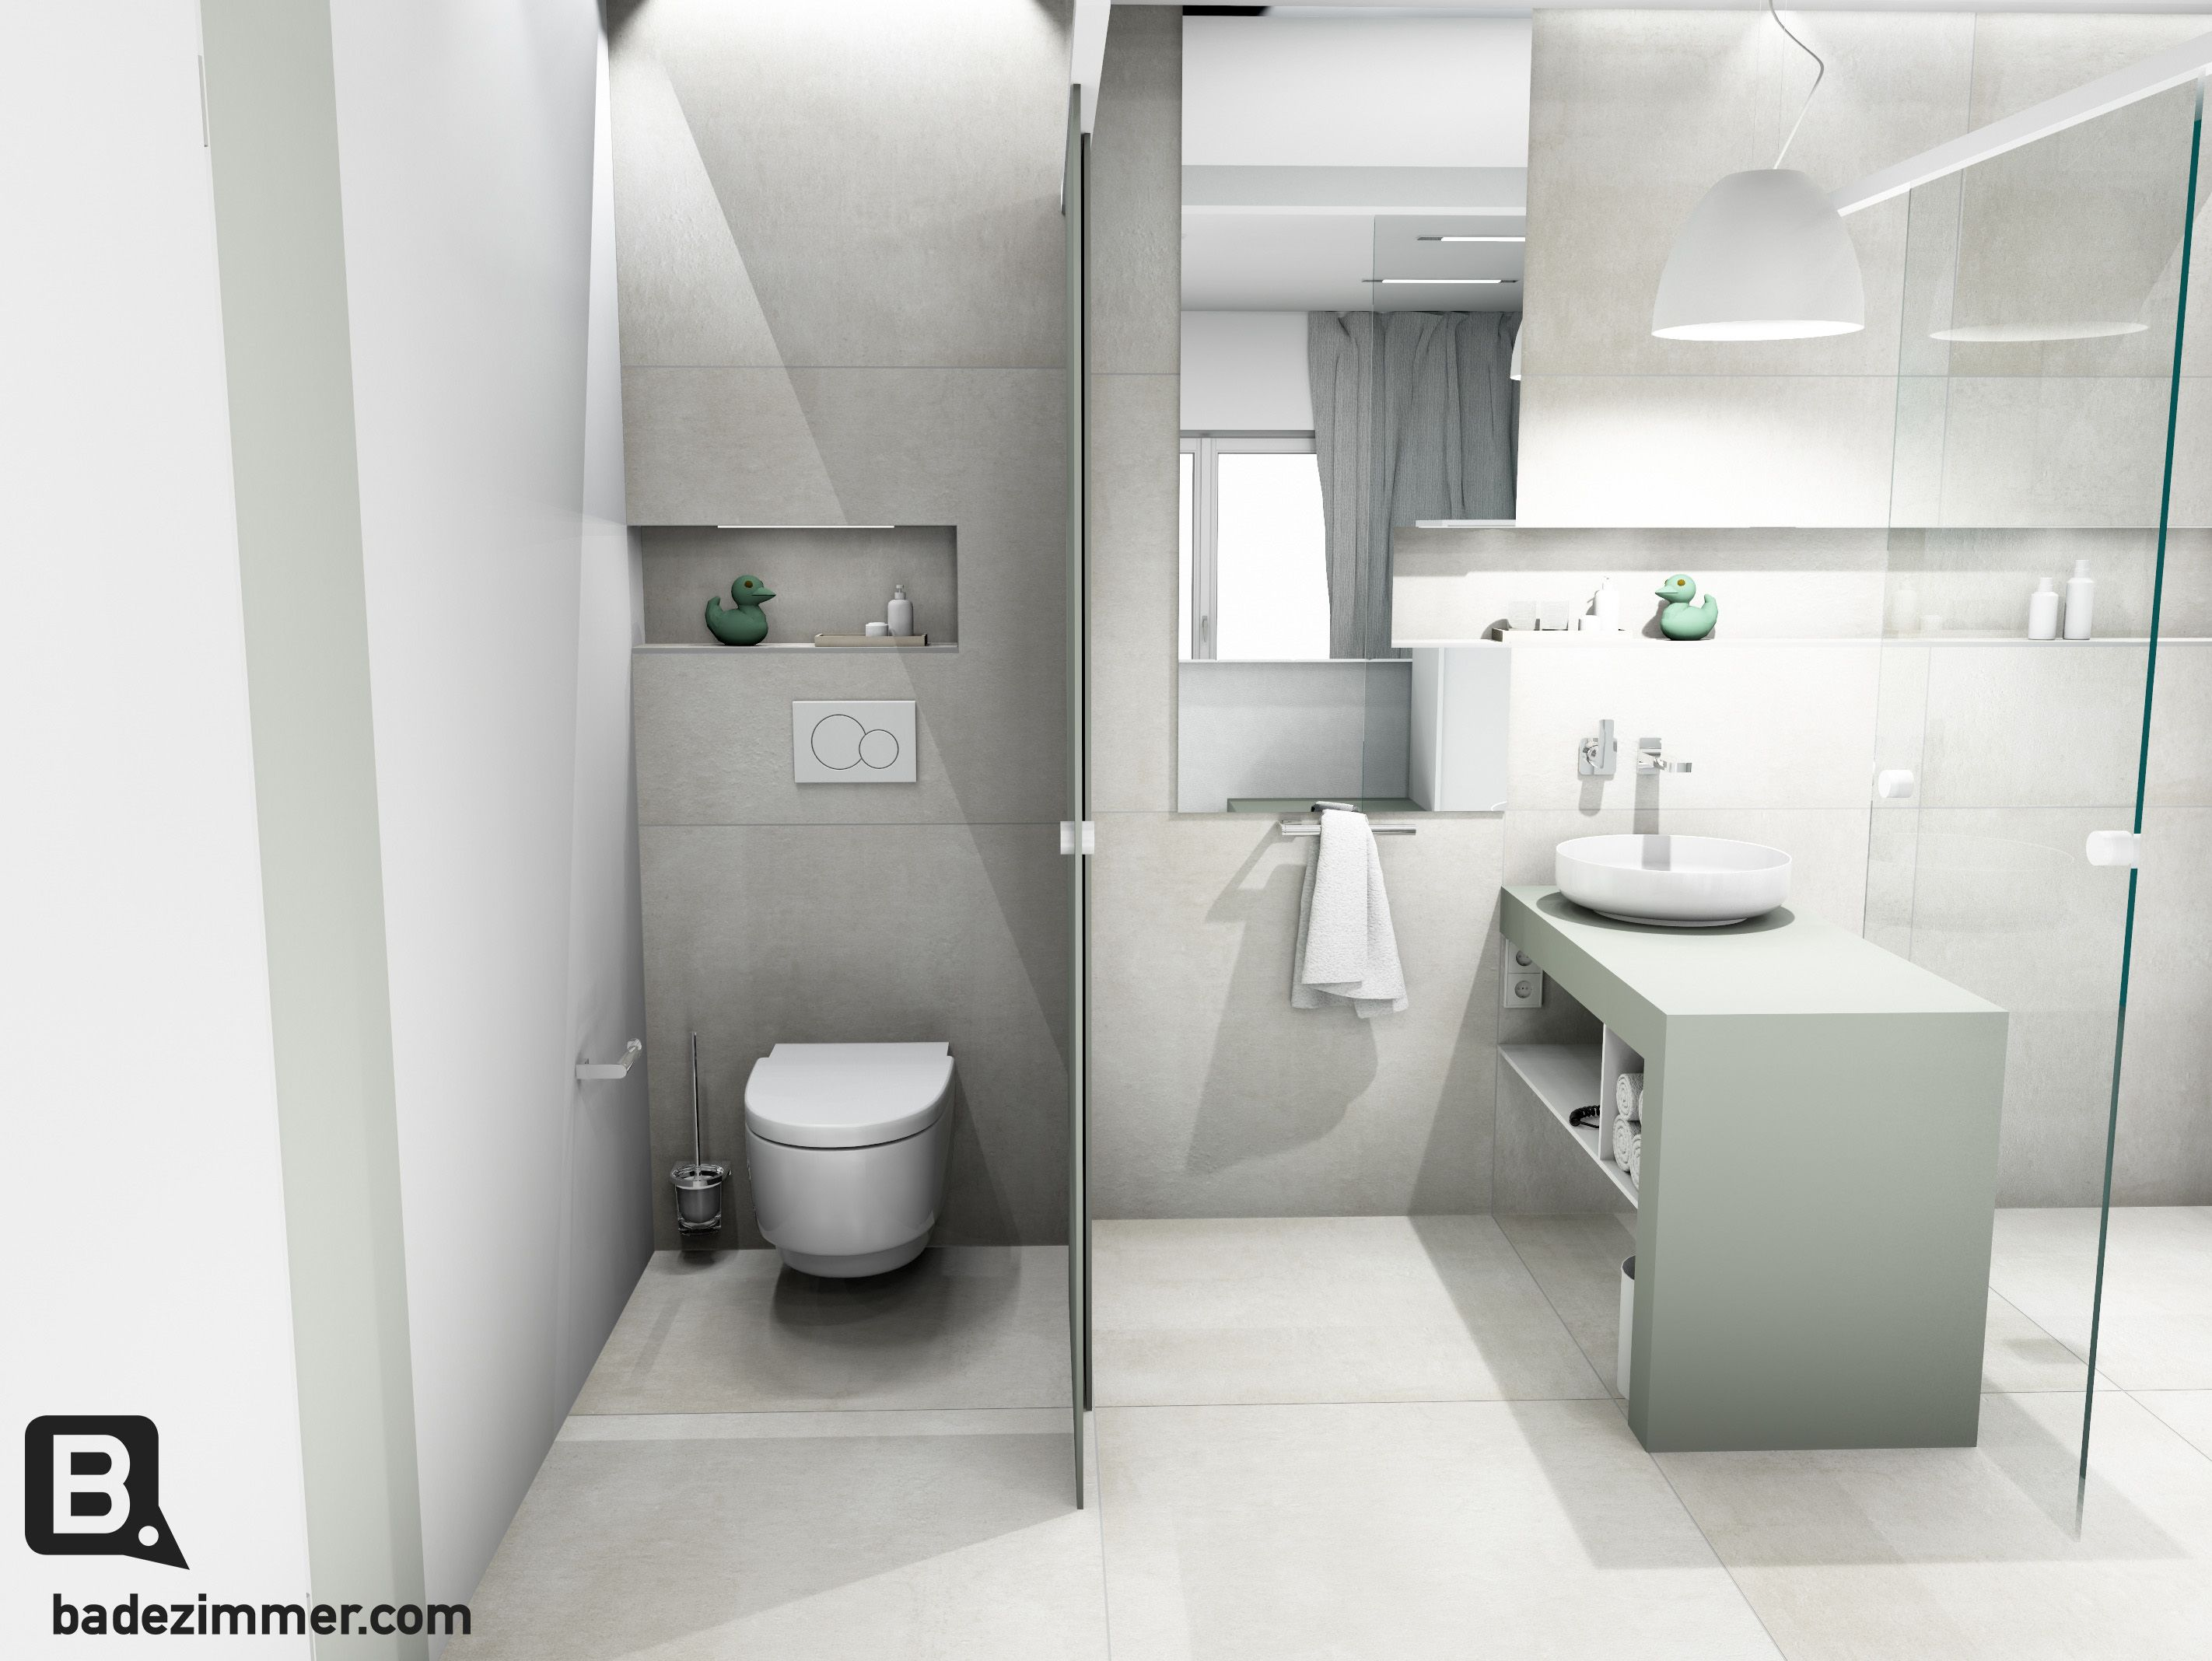 Badezimmer Schiebetür ~ Das wc als intime zone kann durch eine schiebetür geschlossen